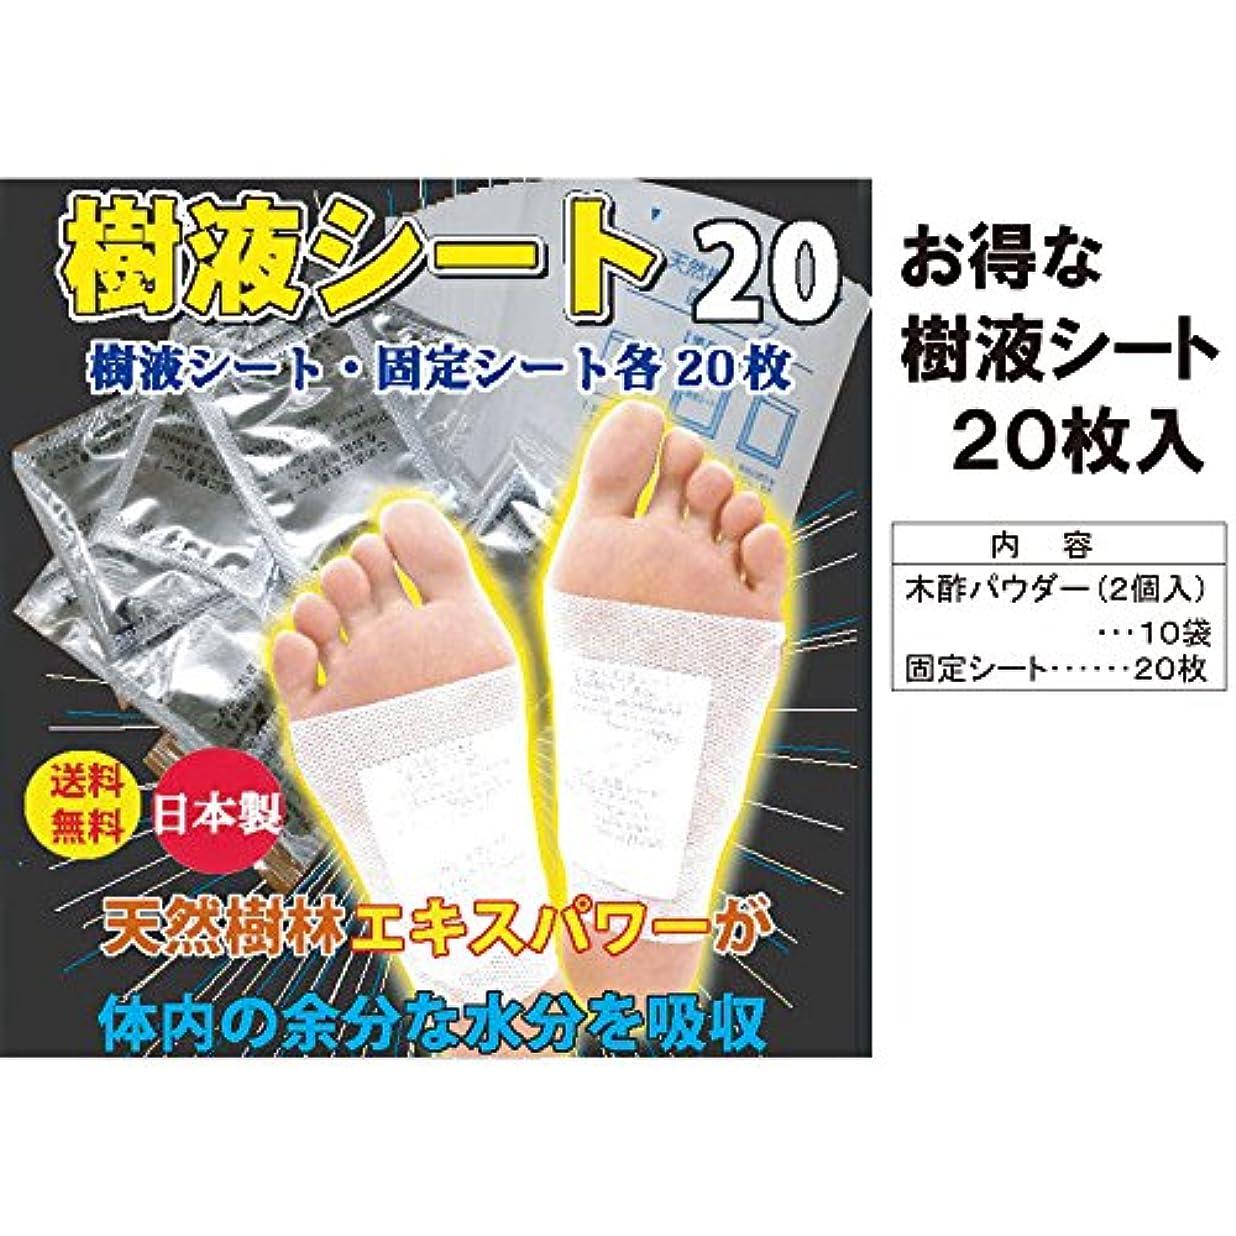 誘惑証言するあいまいなM&Sジャパン 日本製 足裏樹液シート 20枚 足裏 シート デトックス お徳用 健康 グッズ 足ツボ